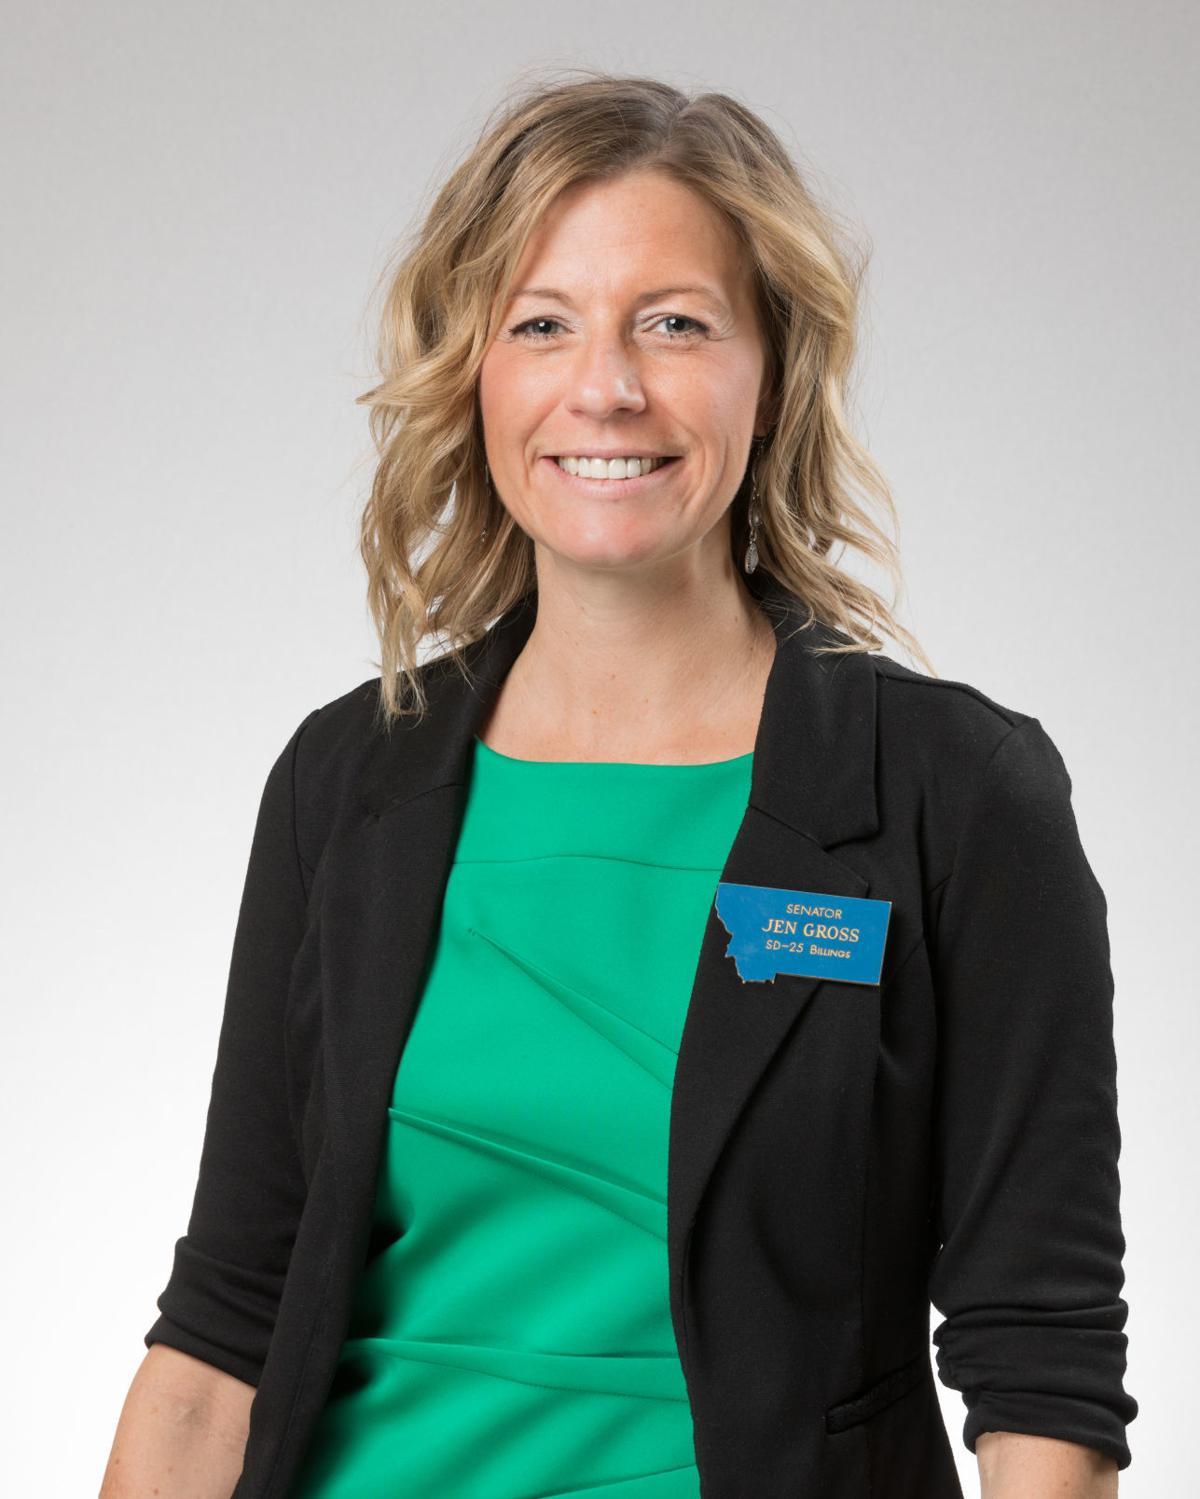 Sen. Jen Gross, D-Billings